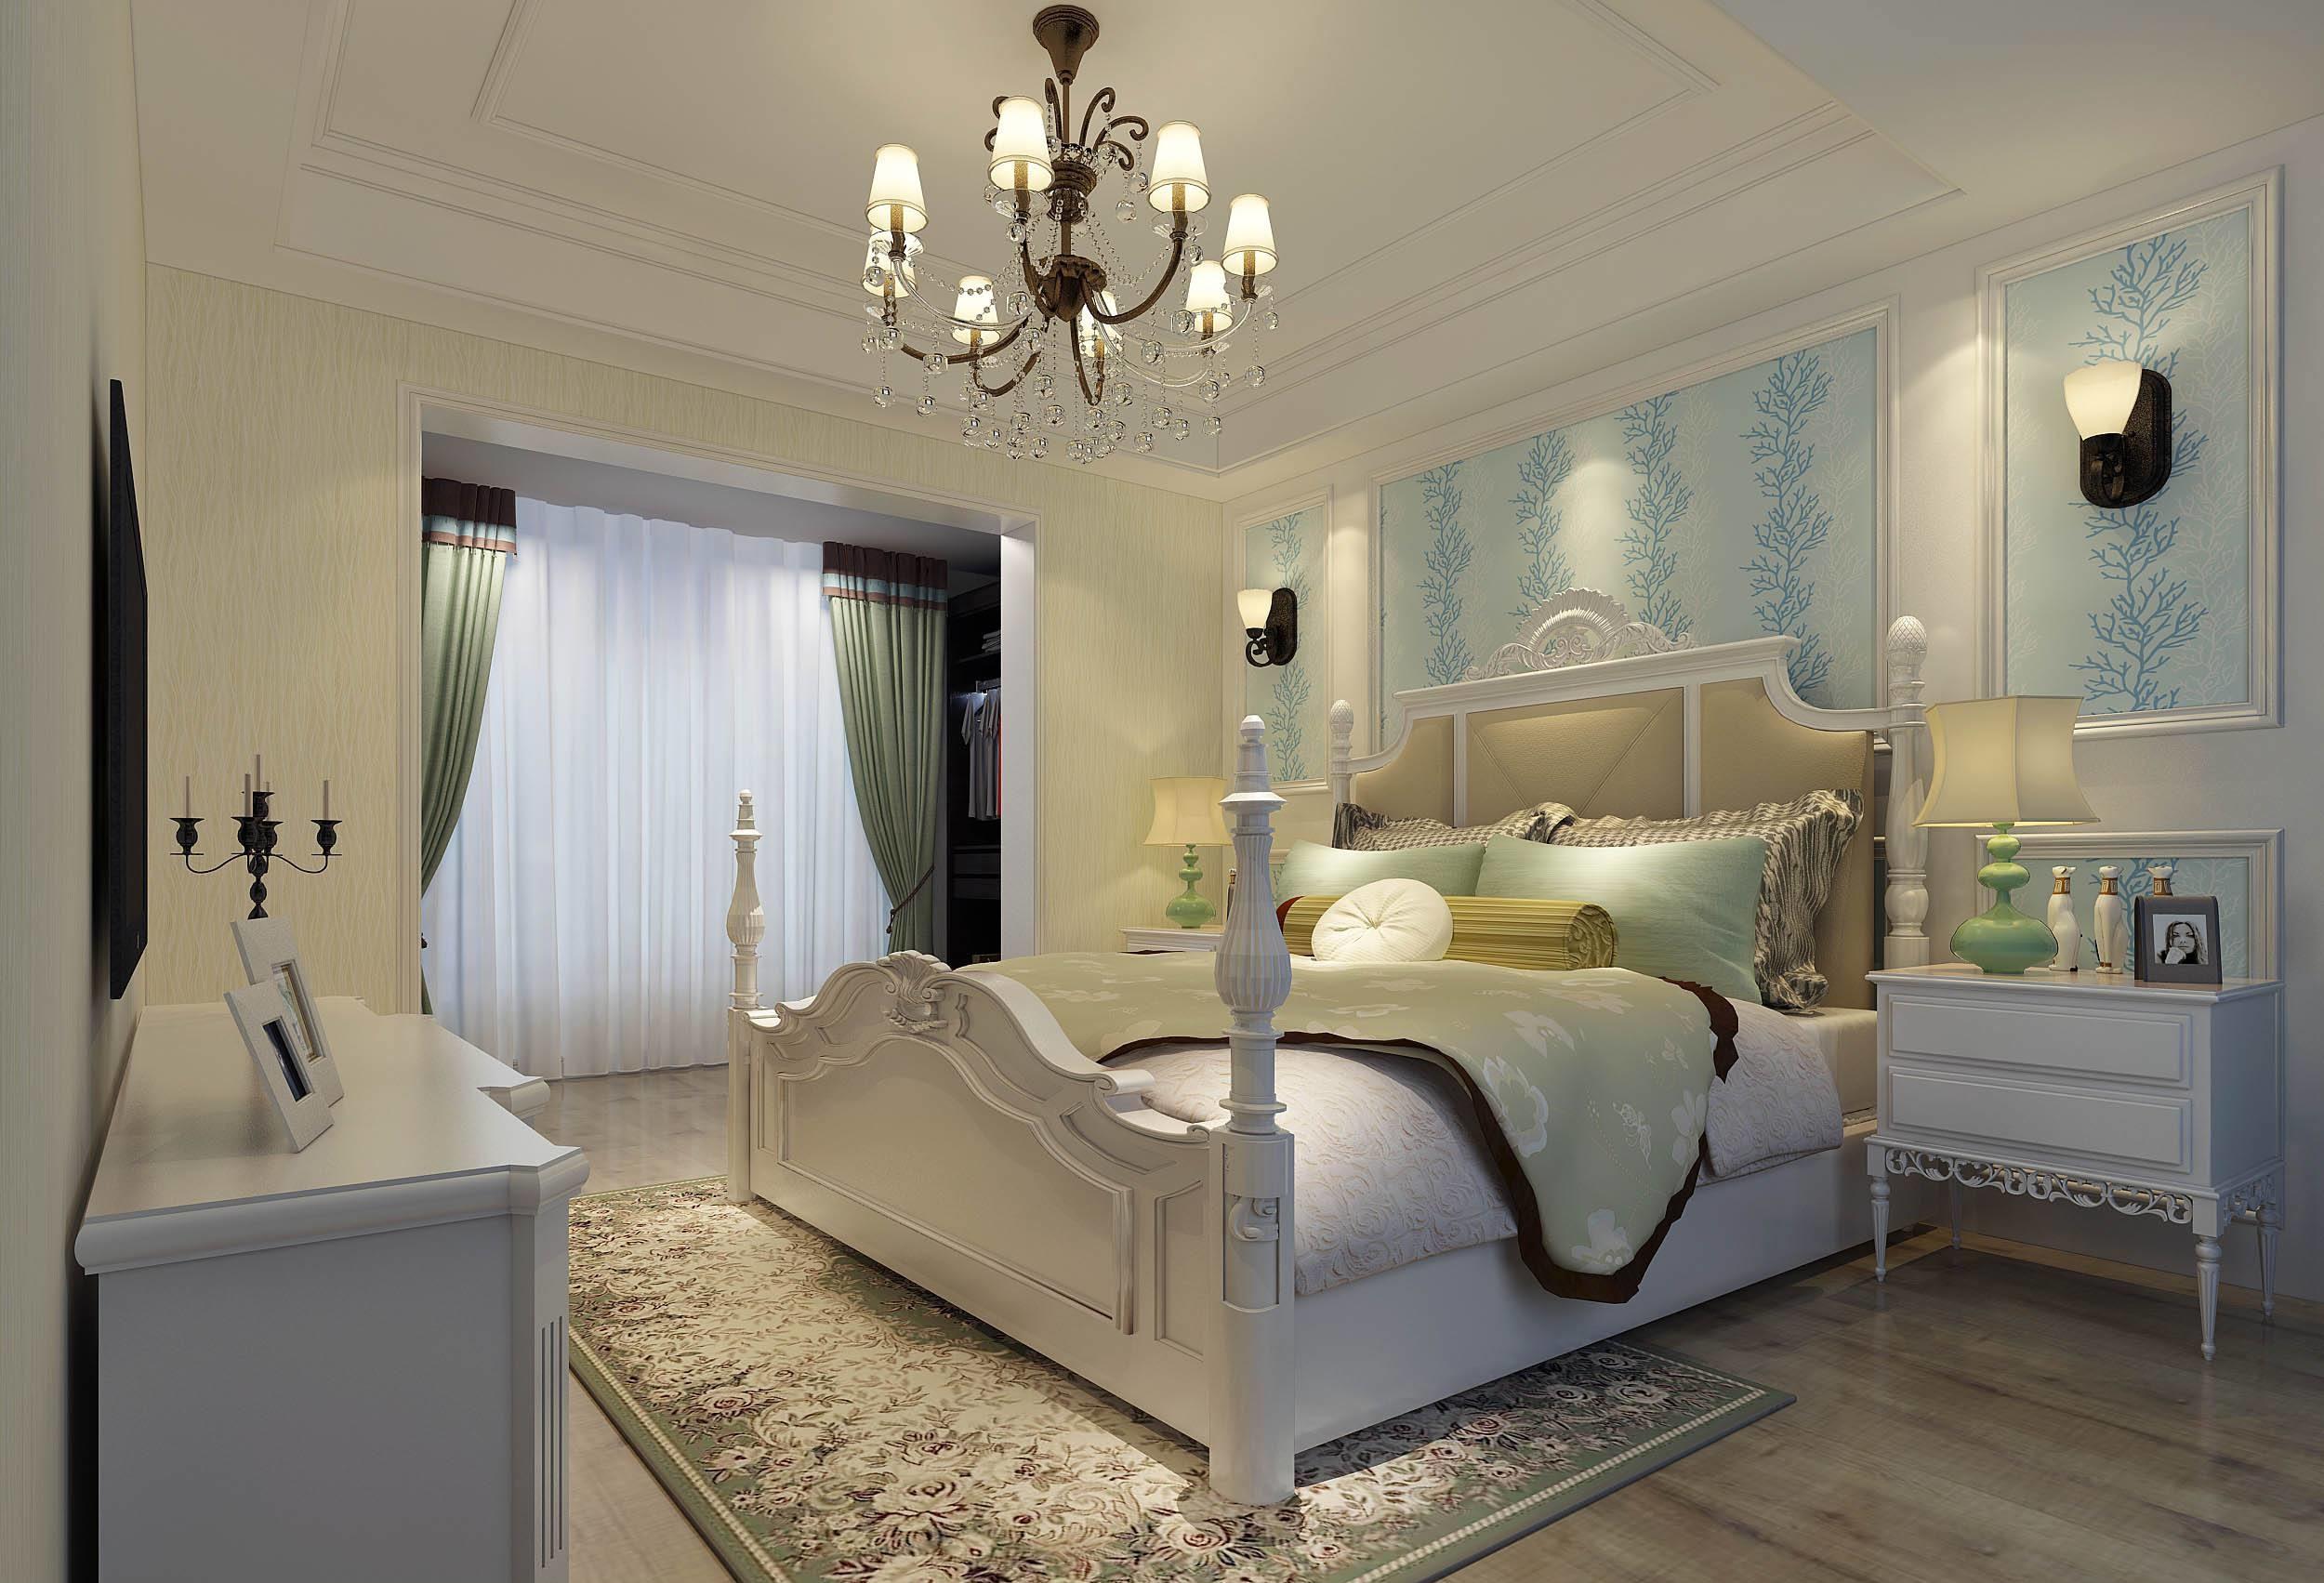 简美风格别墅卧室装修效果图